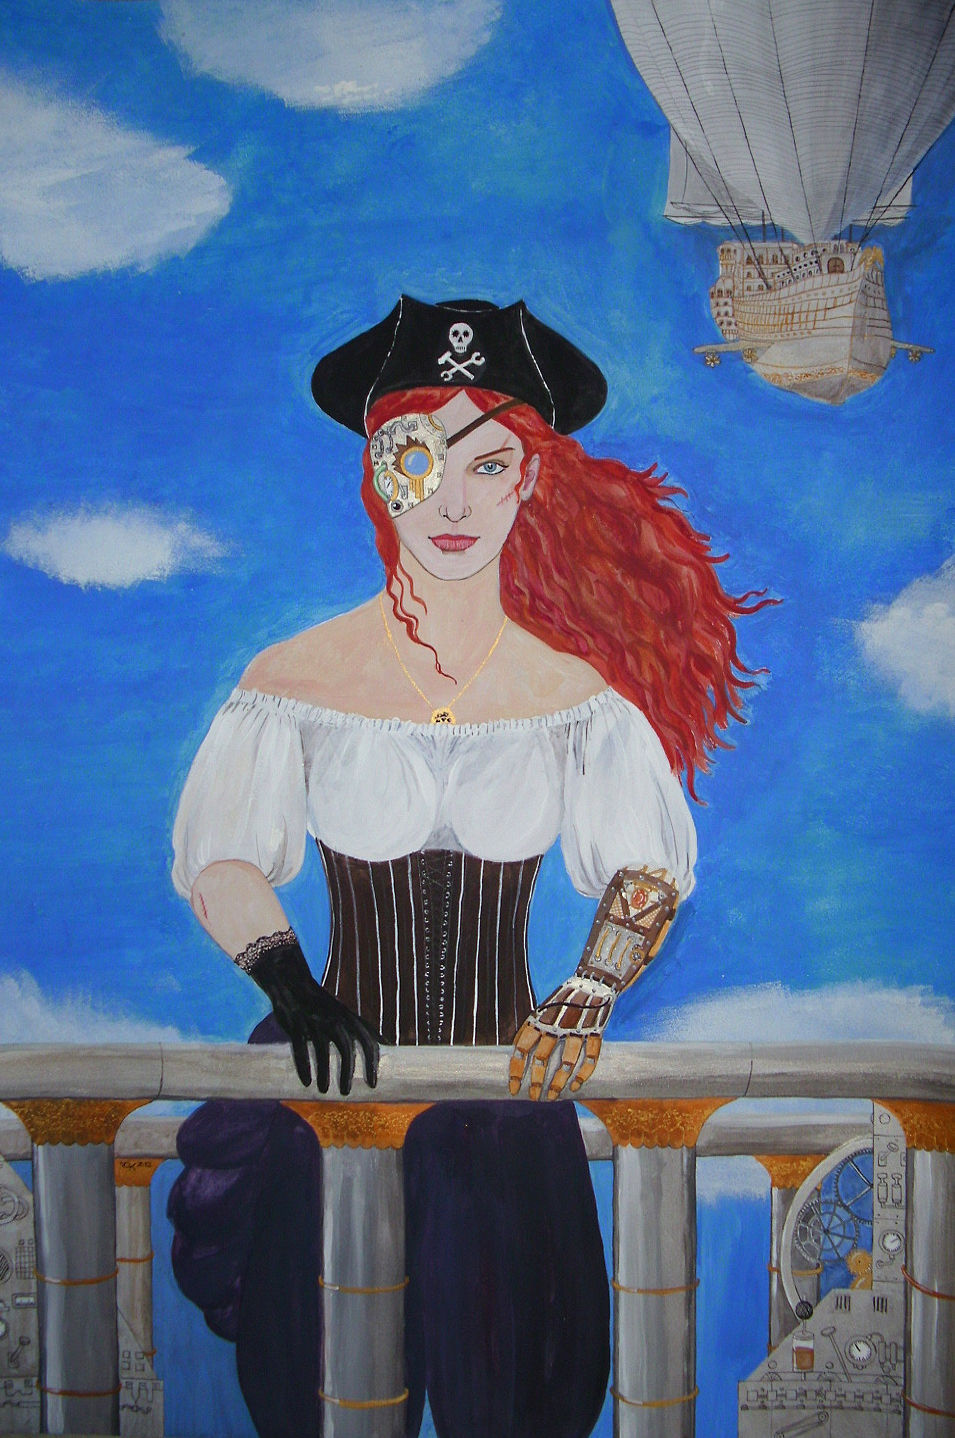 Sky pirate Lady captain - ein vom Steampunk inspiriertes Bild - Amalia ...